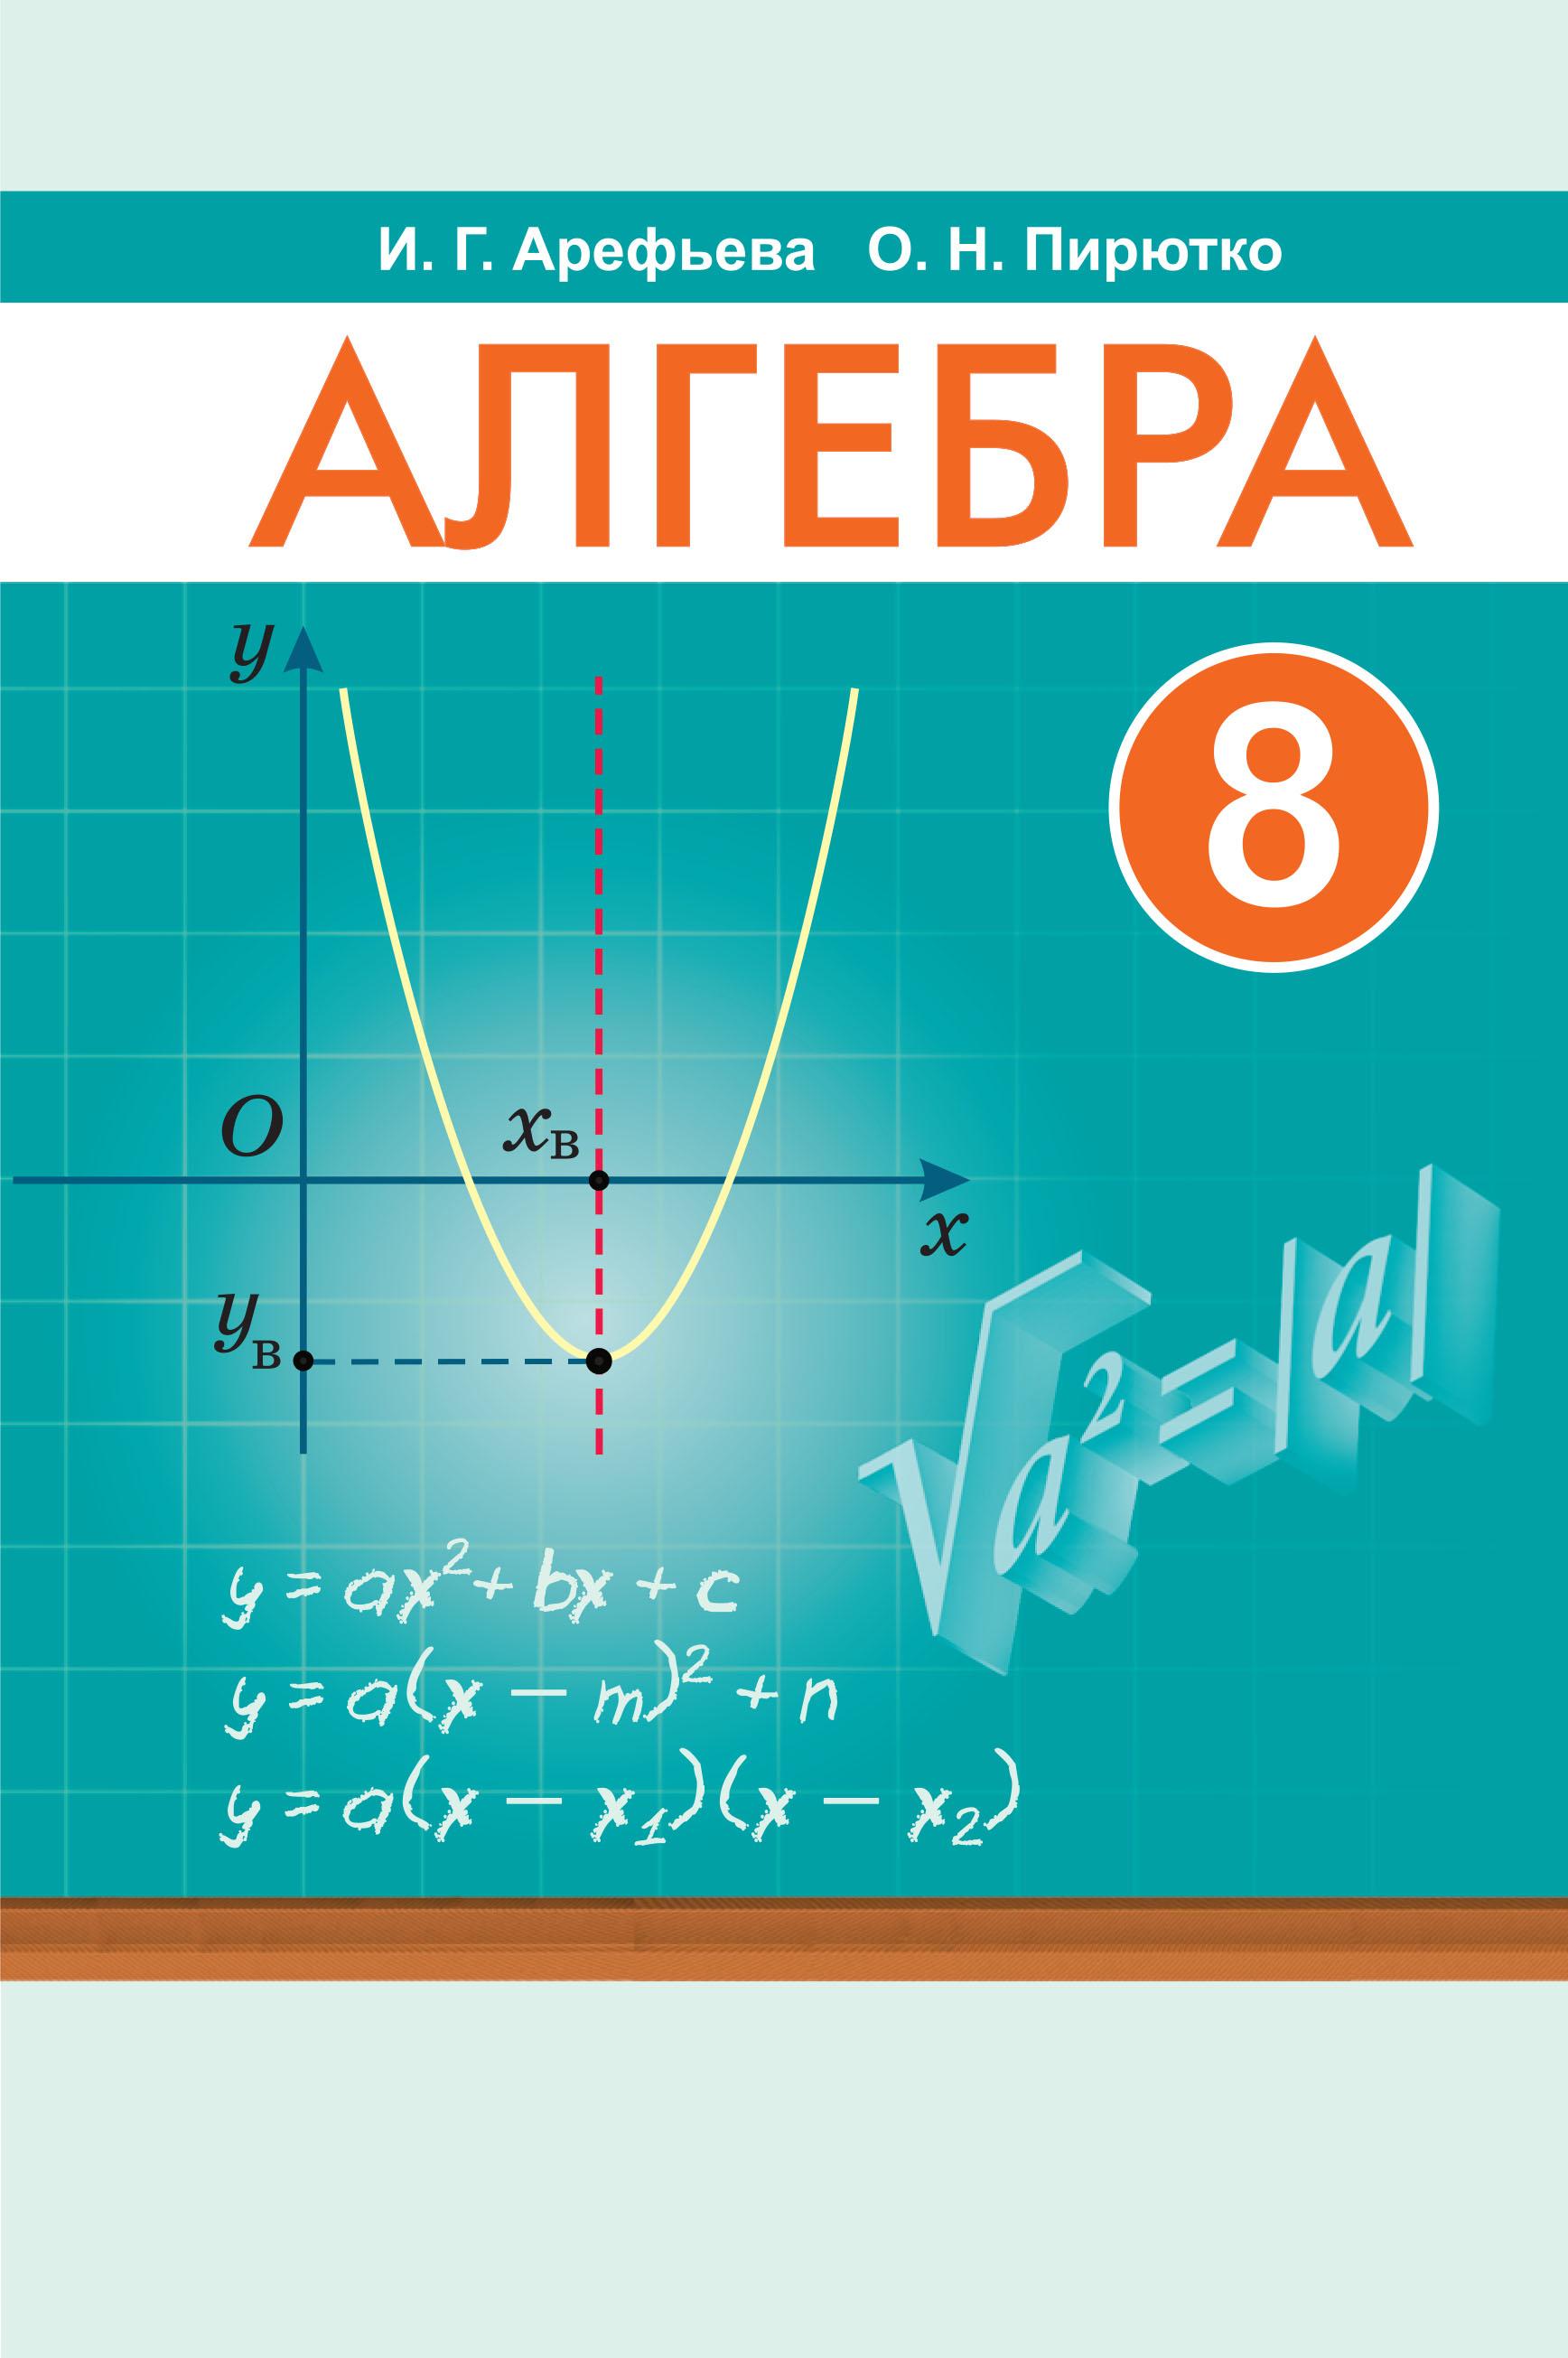 Алгебра, 8 класс